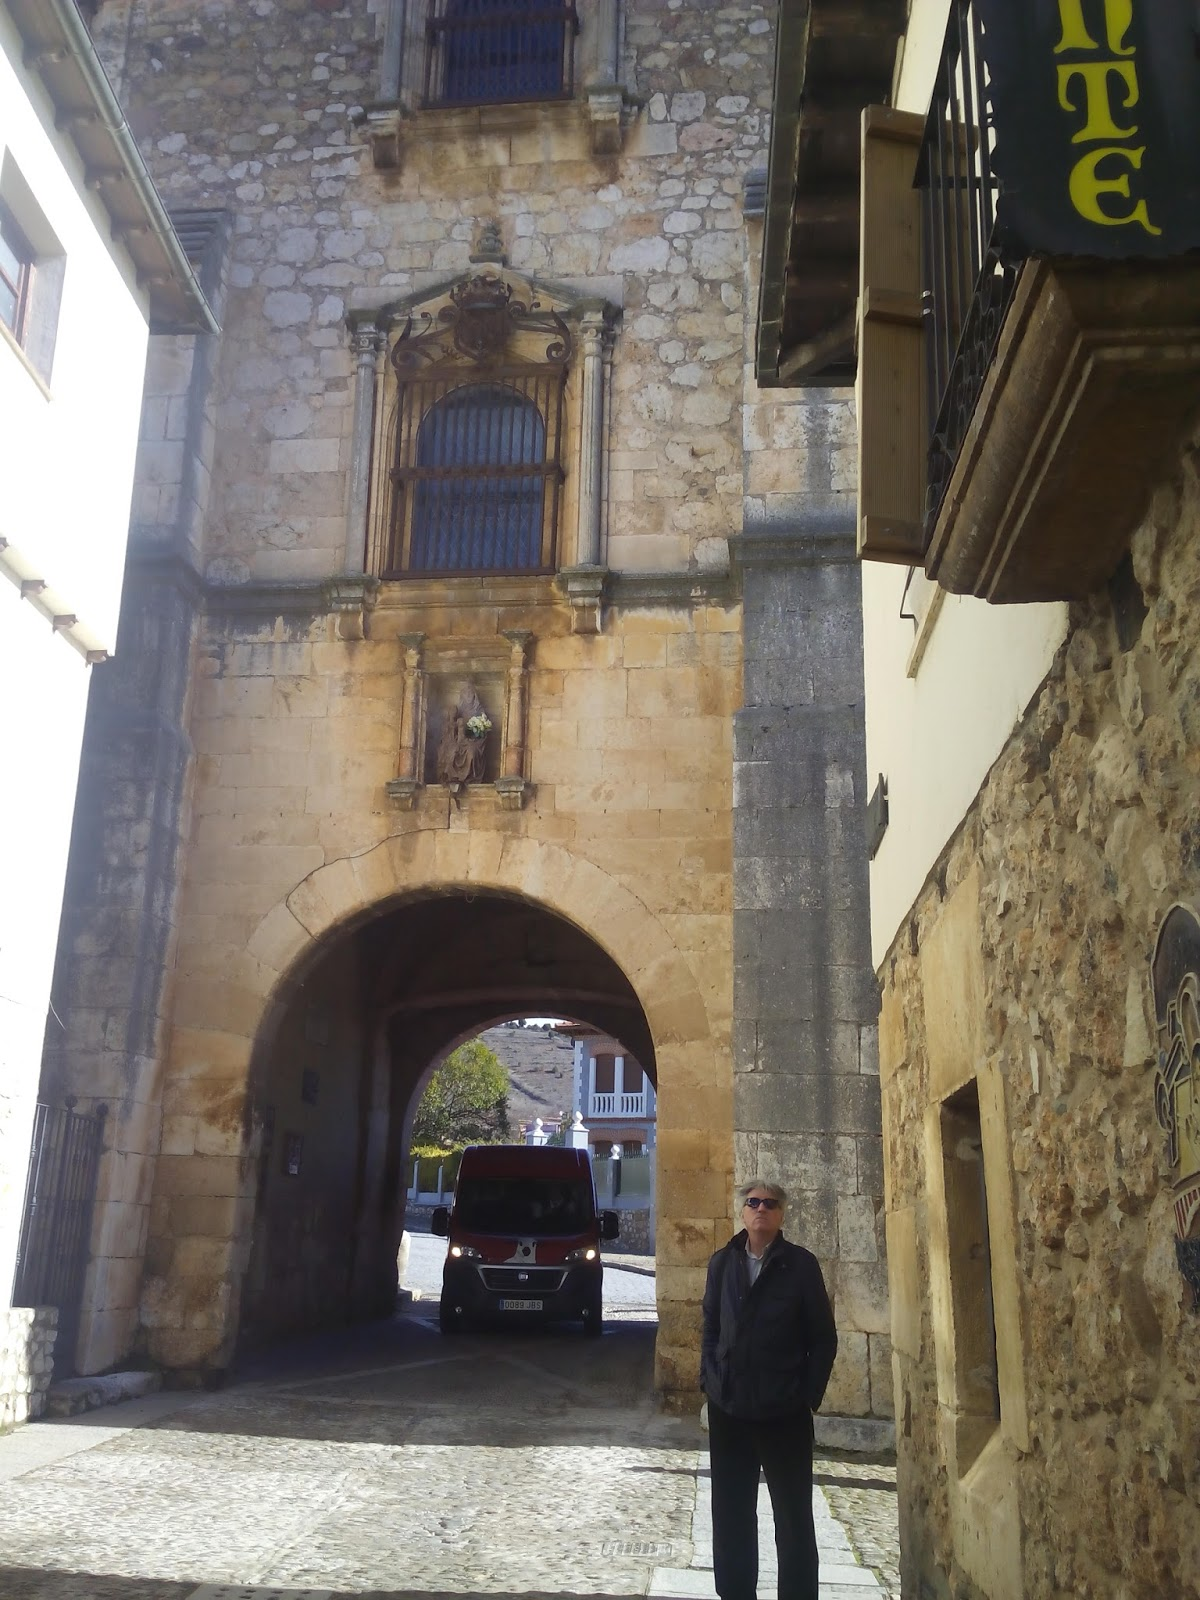 Taller de vivencias burgos covarrubias for Oficina turismo burgos